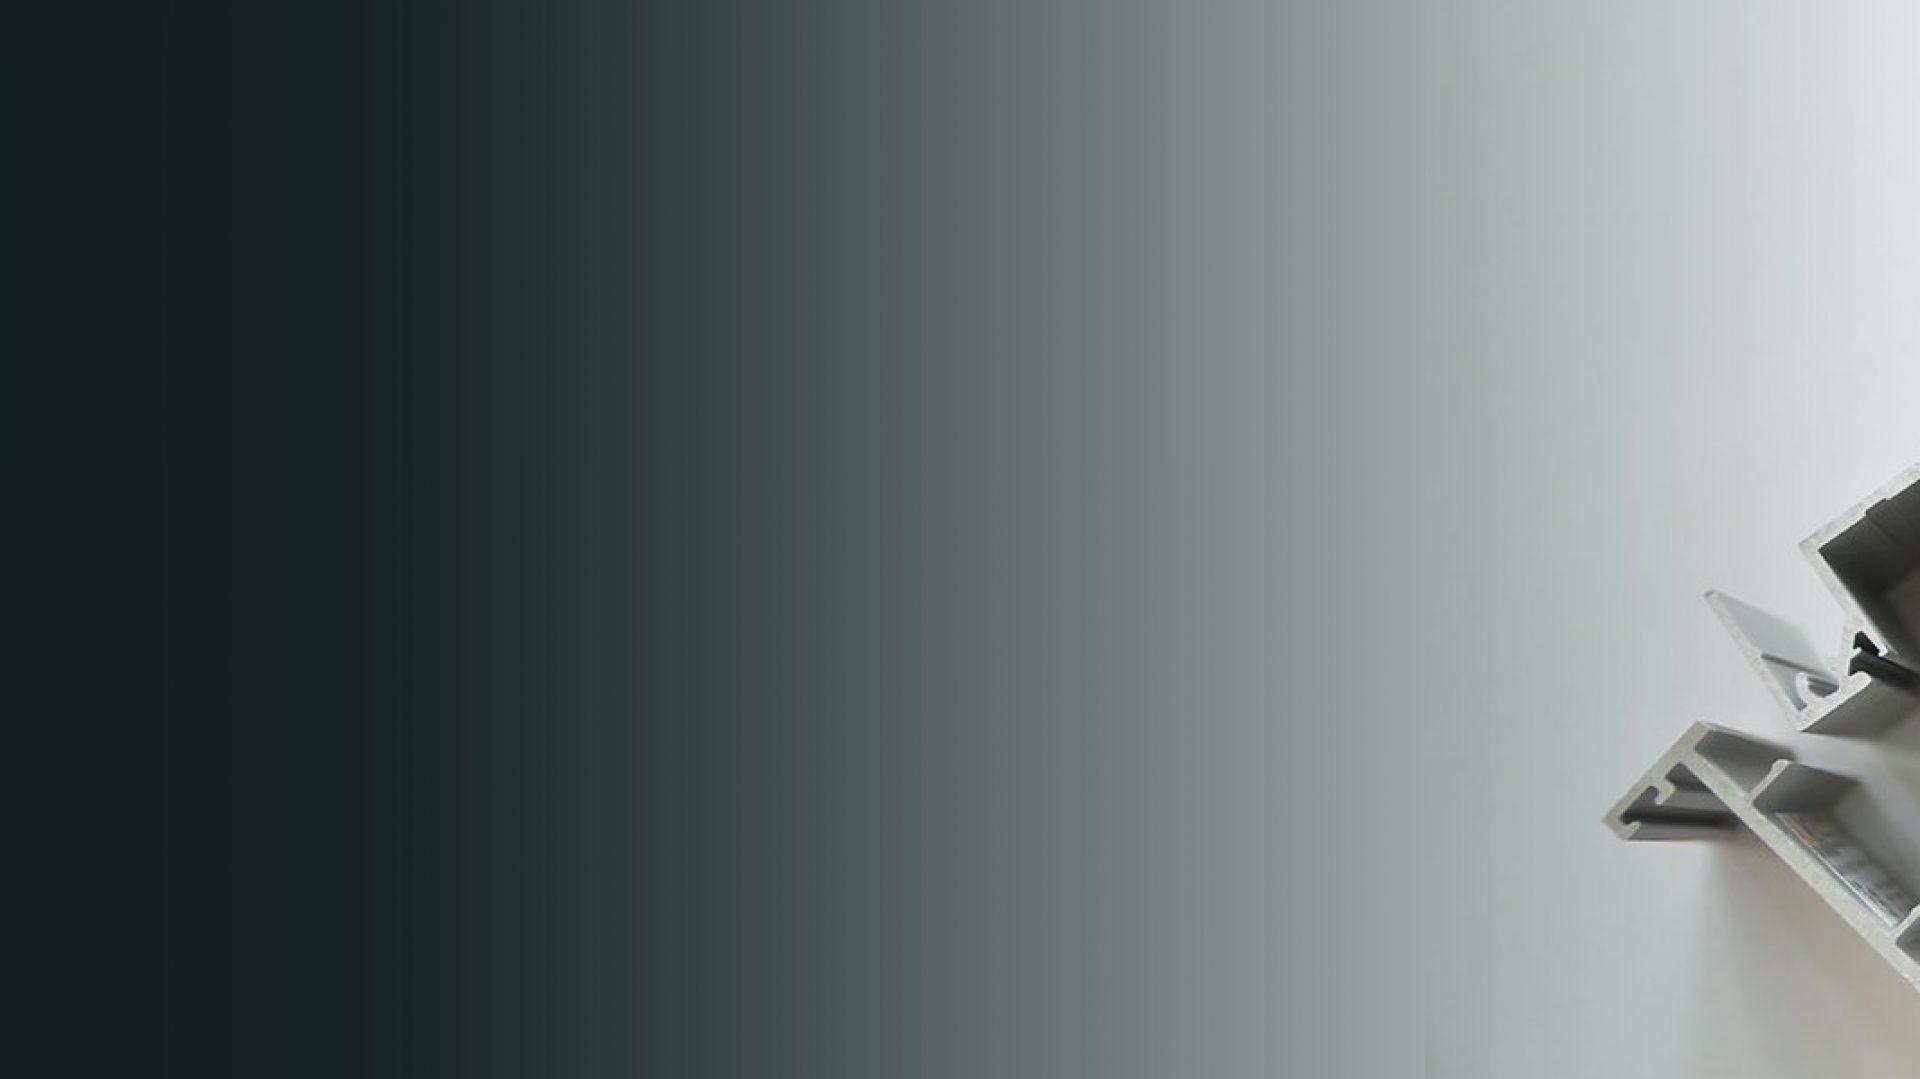 ΜΑΓΓΙΩΣΗΣ – Κουφώματα Αλουμινίου Κάγκελα Πόρτες Ρολά Innox